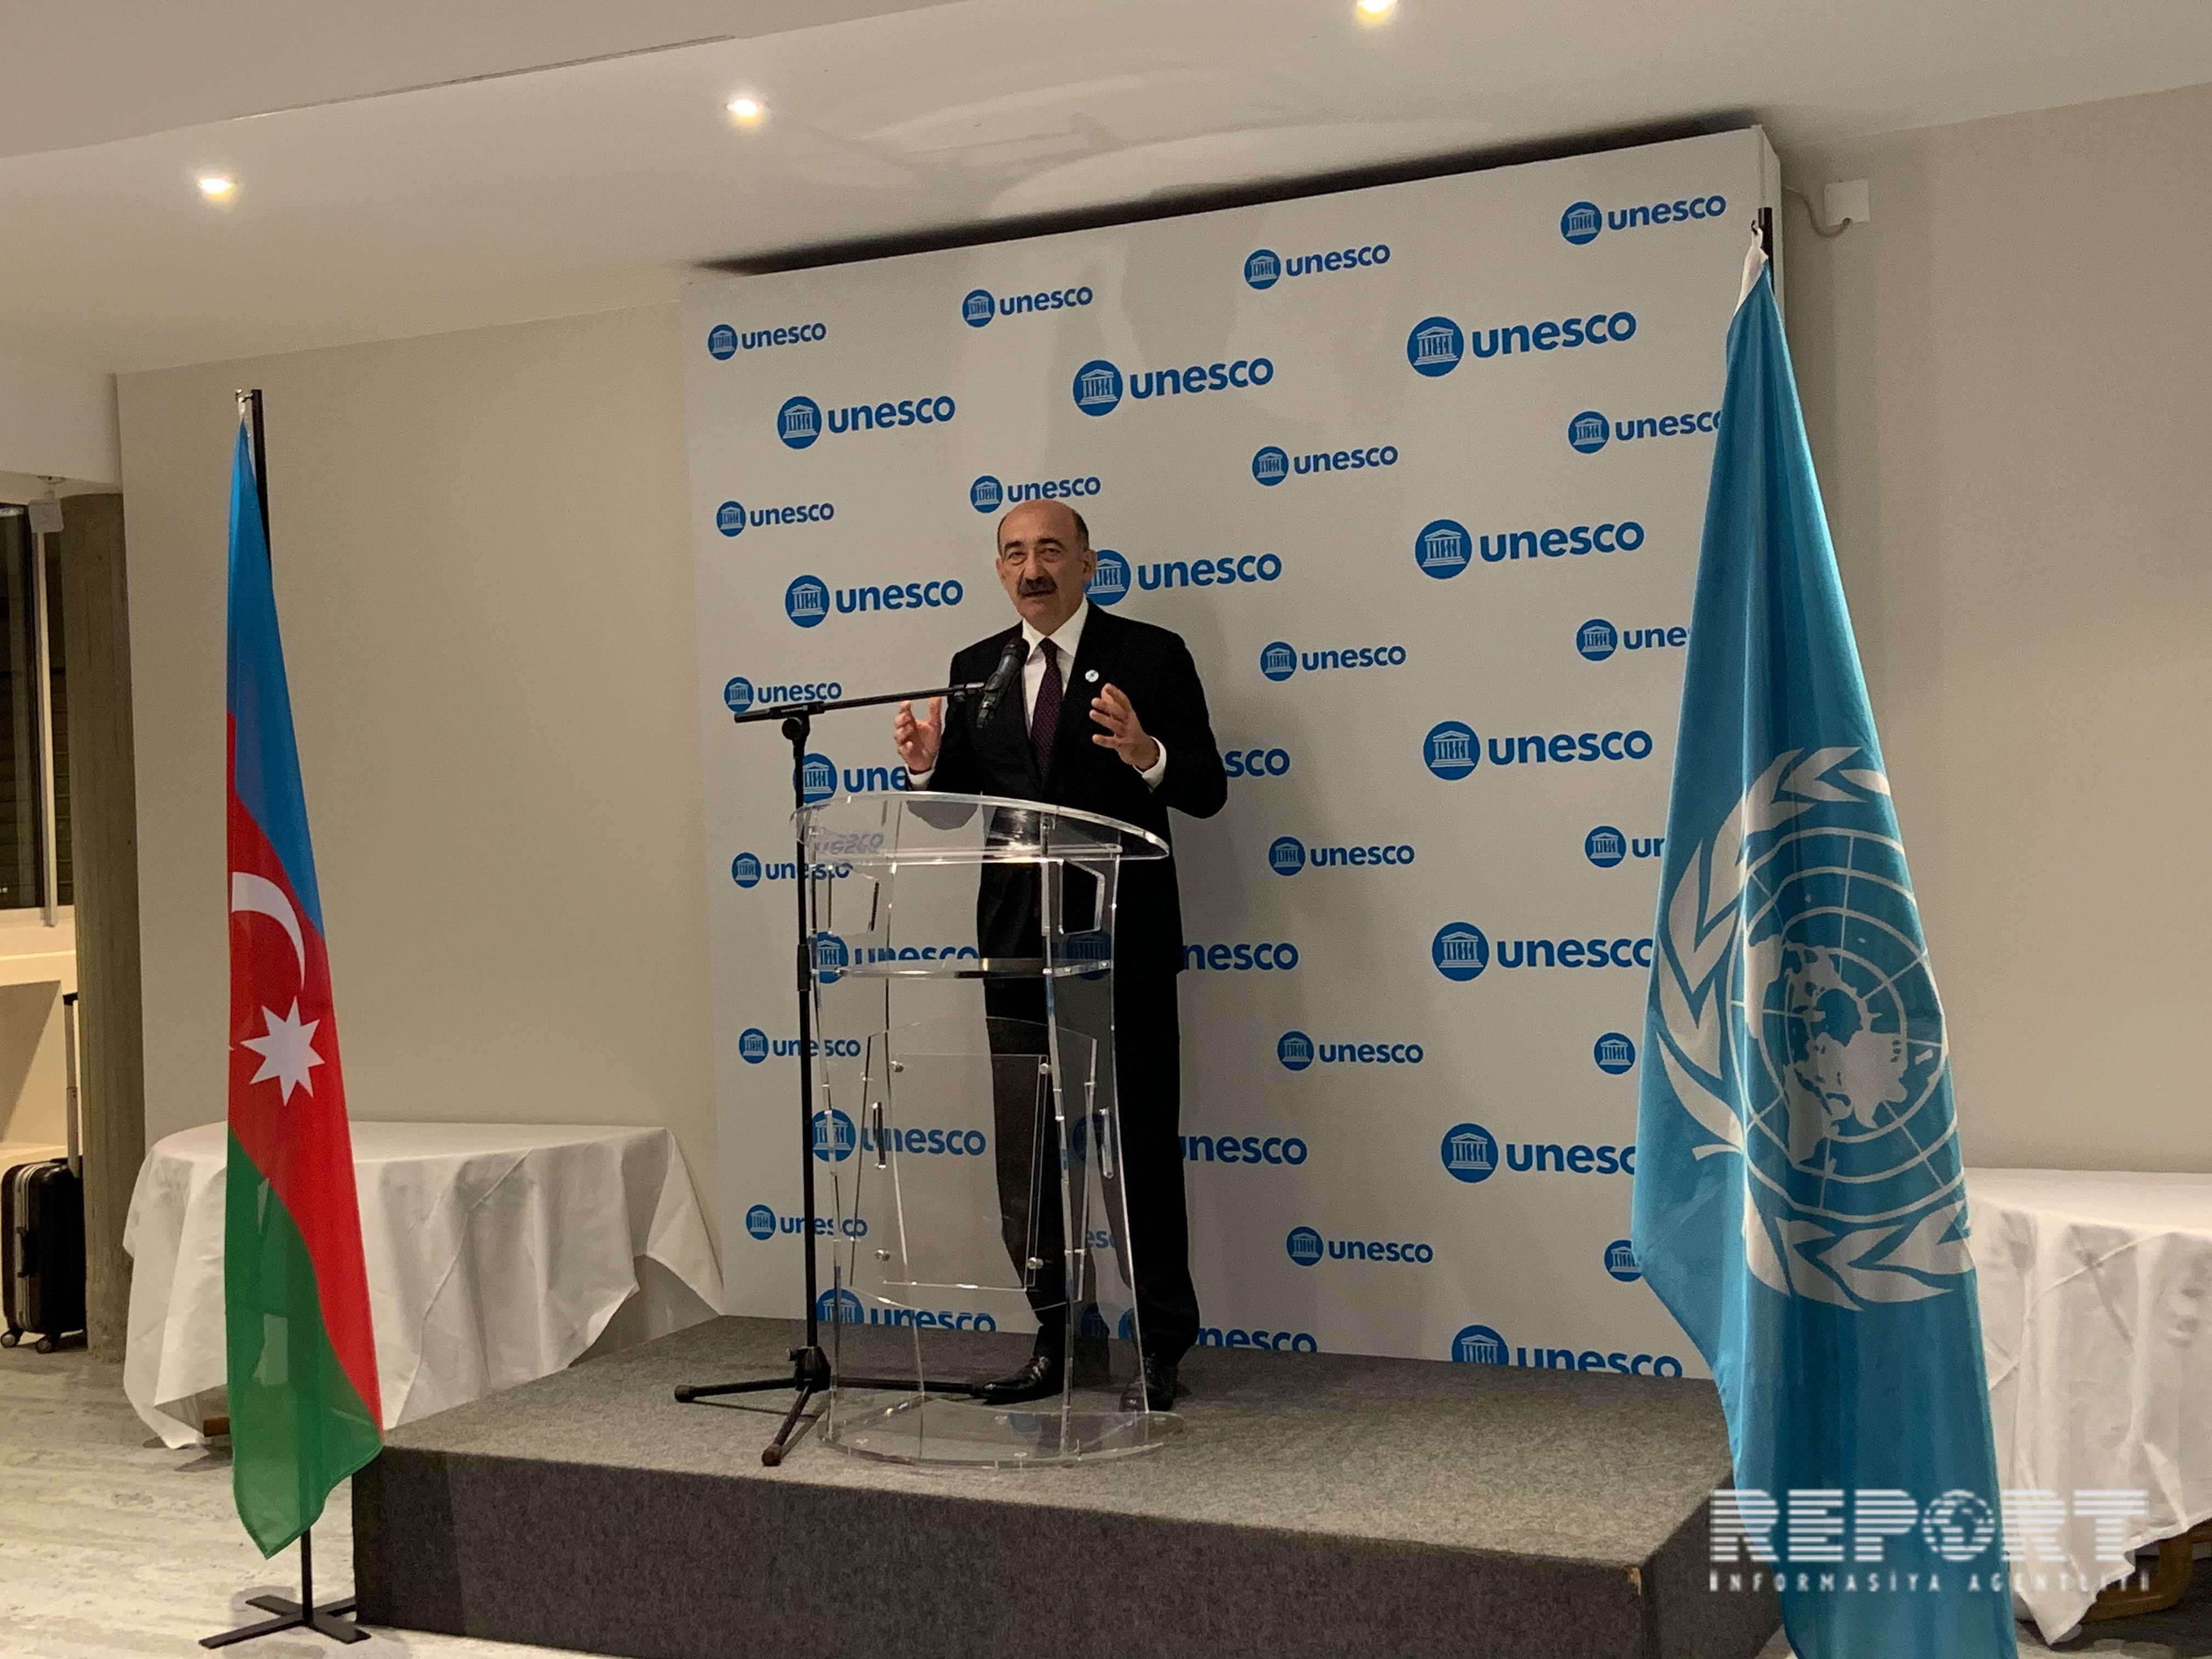 Parisdə Azərbaycanın UNESKO üzrə Milli Komissiyasının 25 illiyi qeyd edilib - FOTO